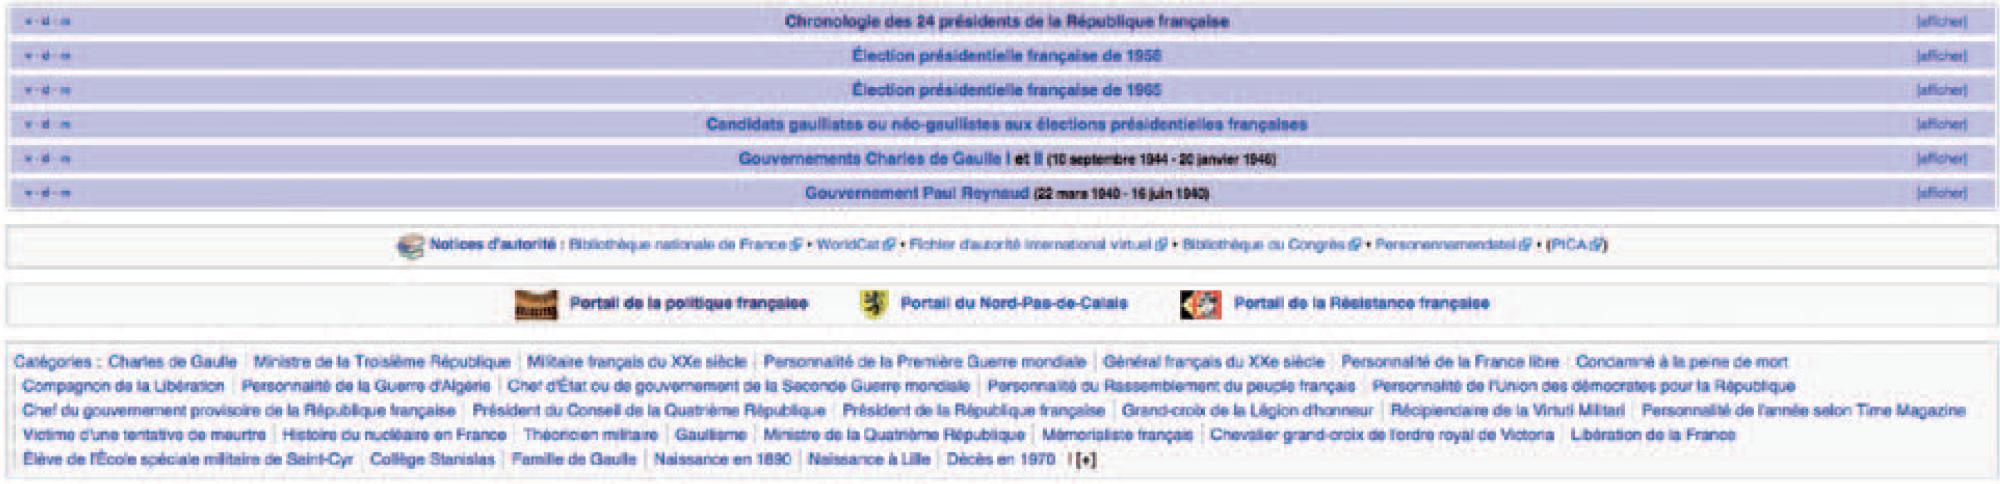 Figure 2 - Catégories et boîtes